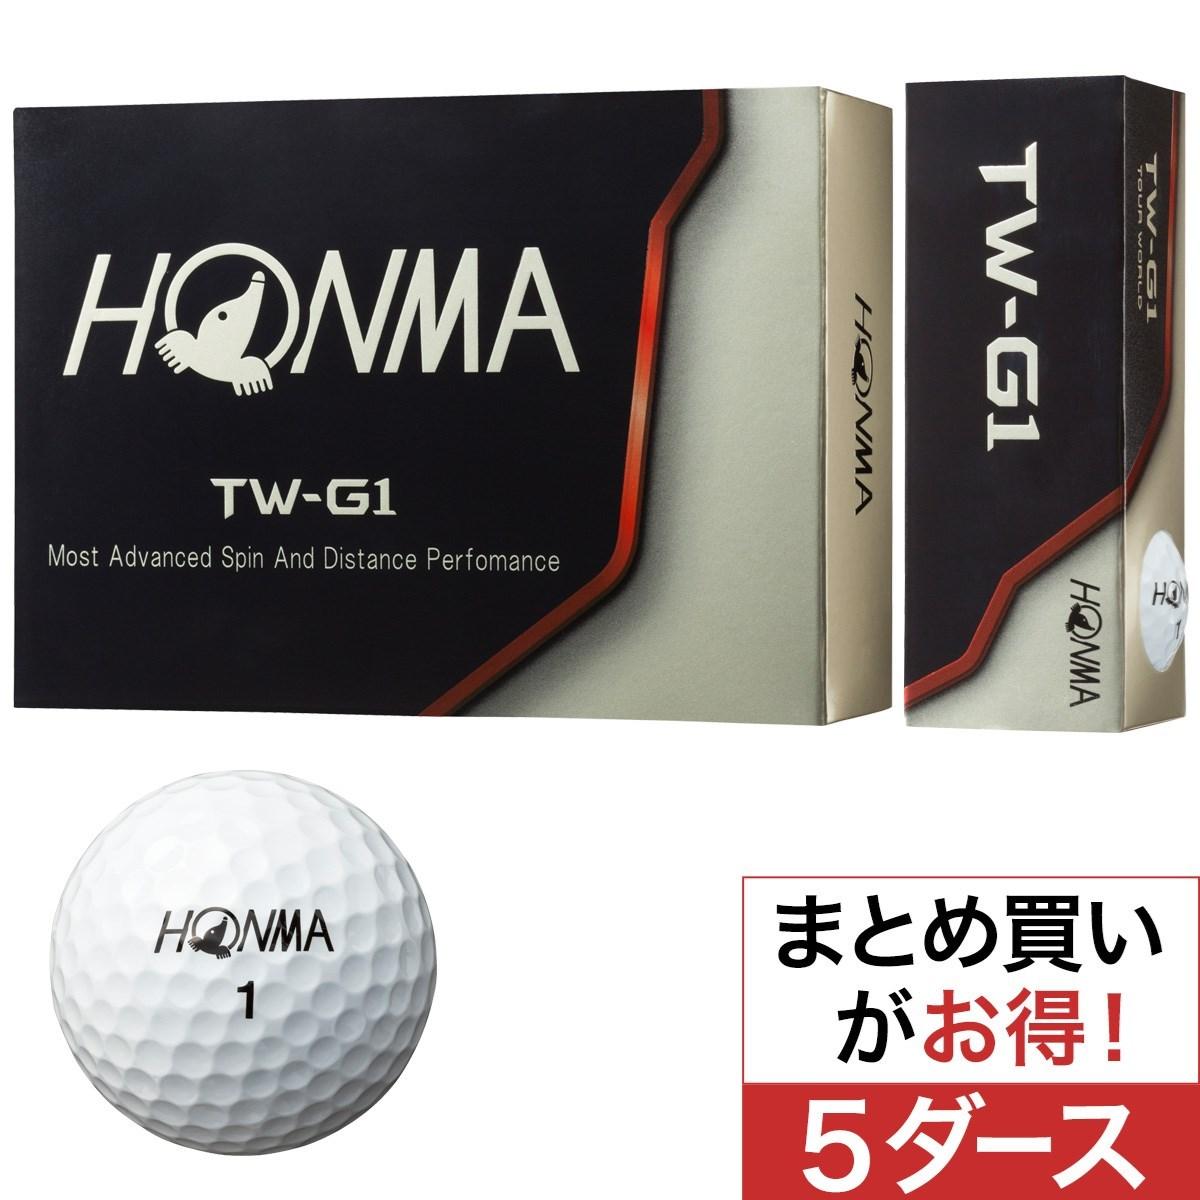 本間ゴルフ(HONMA GOLF) TW-G1 ボール 5ダースセット